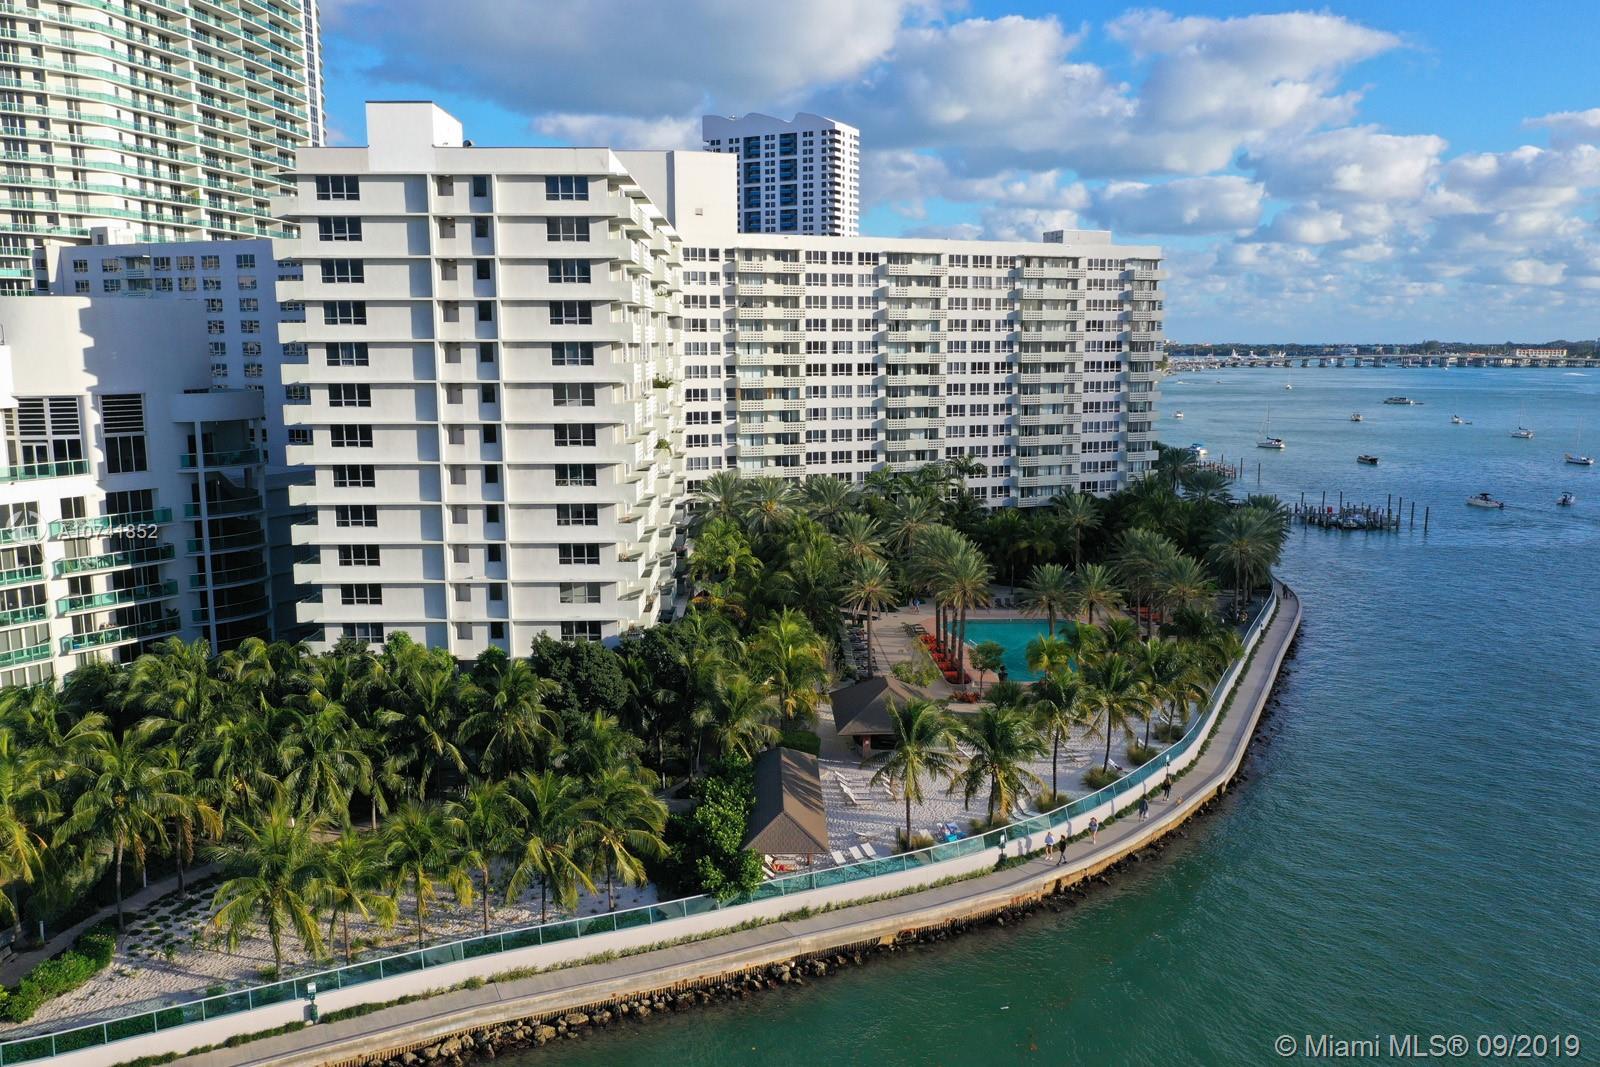 1500 Bay Rd, 1274S - Miami Beach, Florida